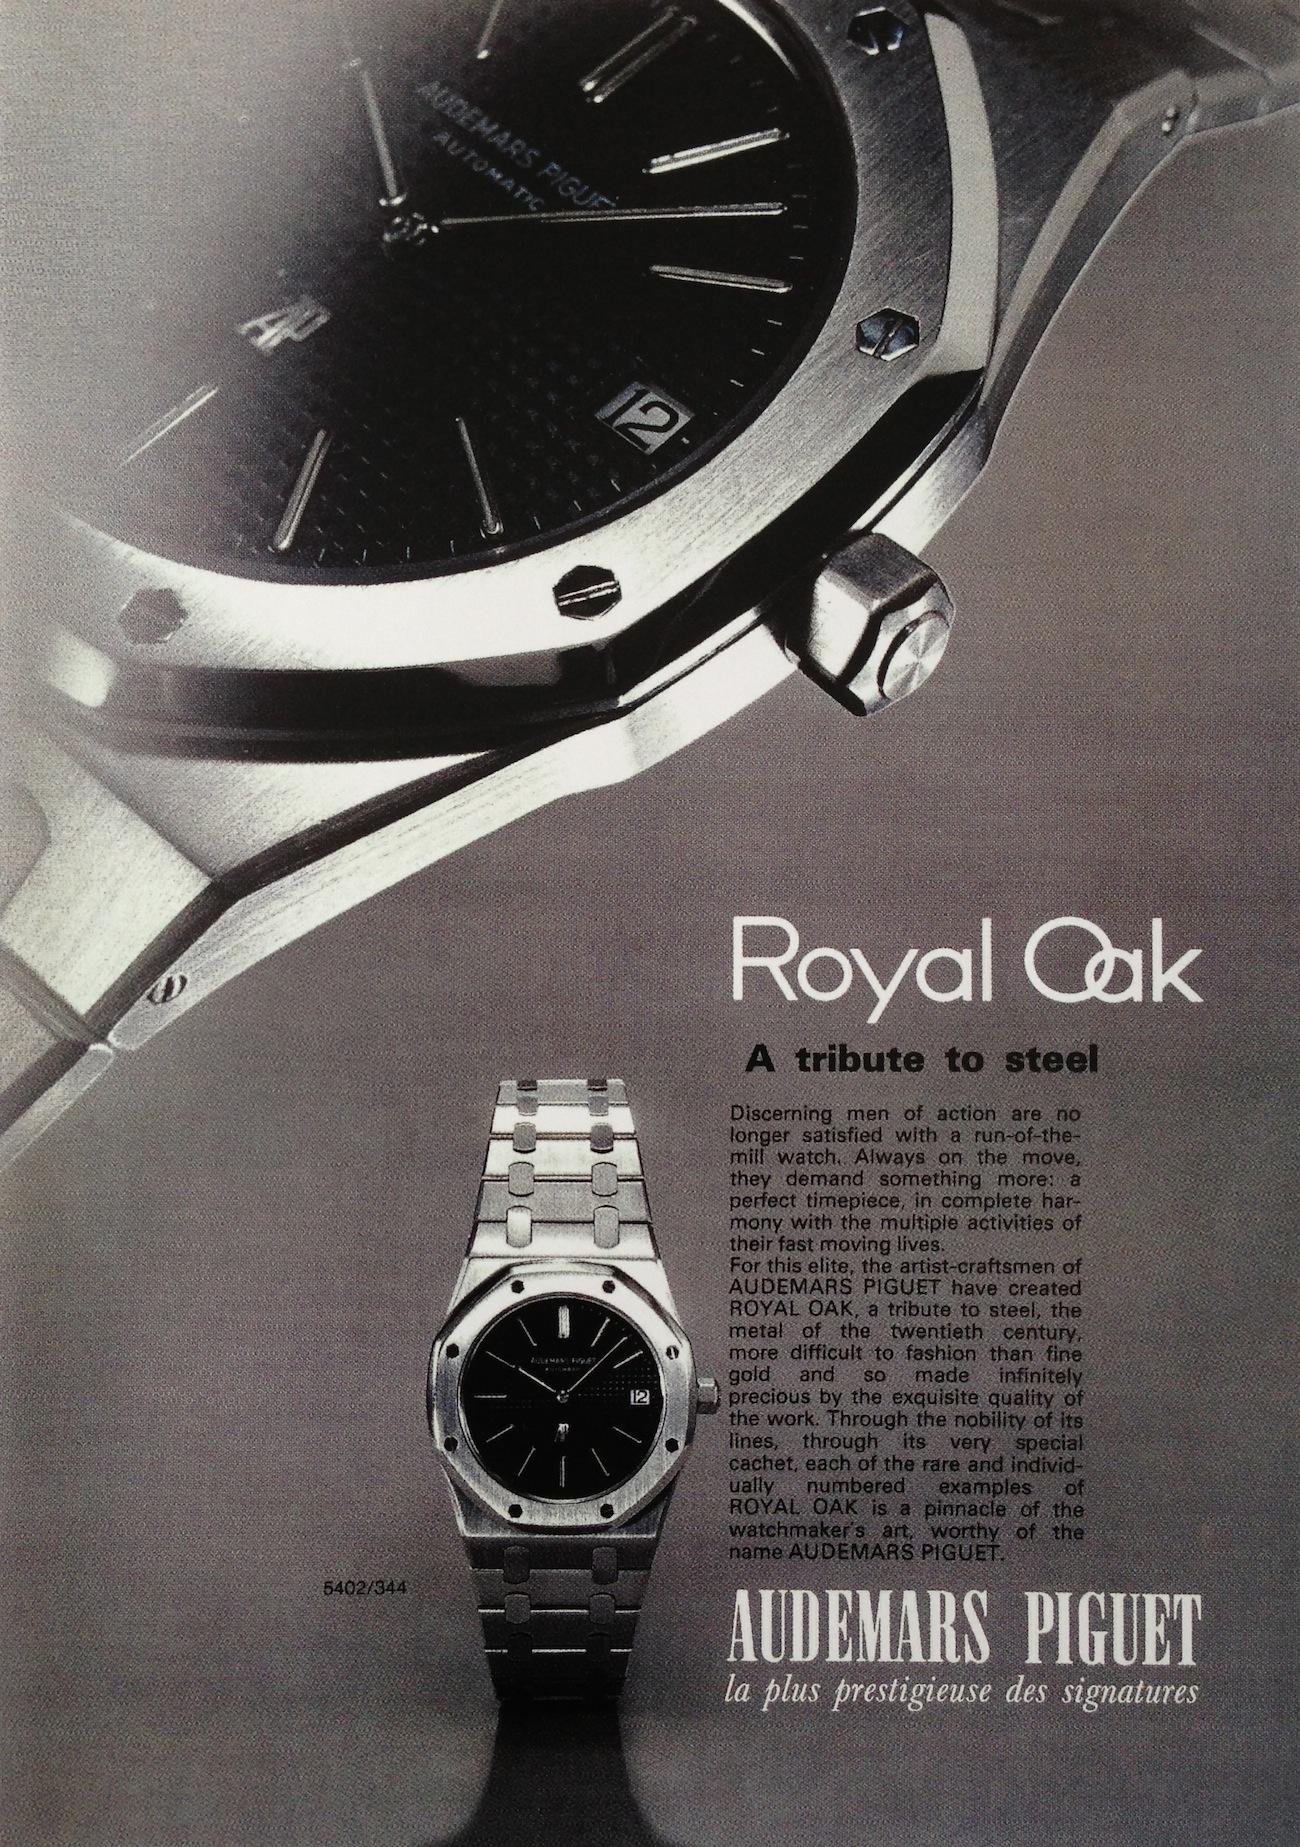 First Audemars Piguet Royal Oak Advertisement.